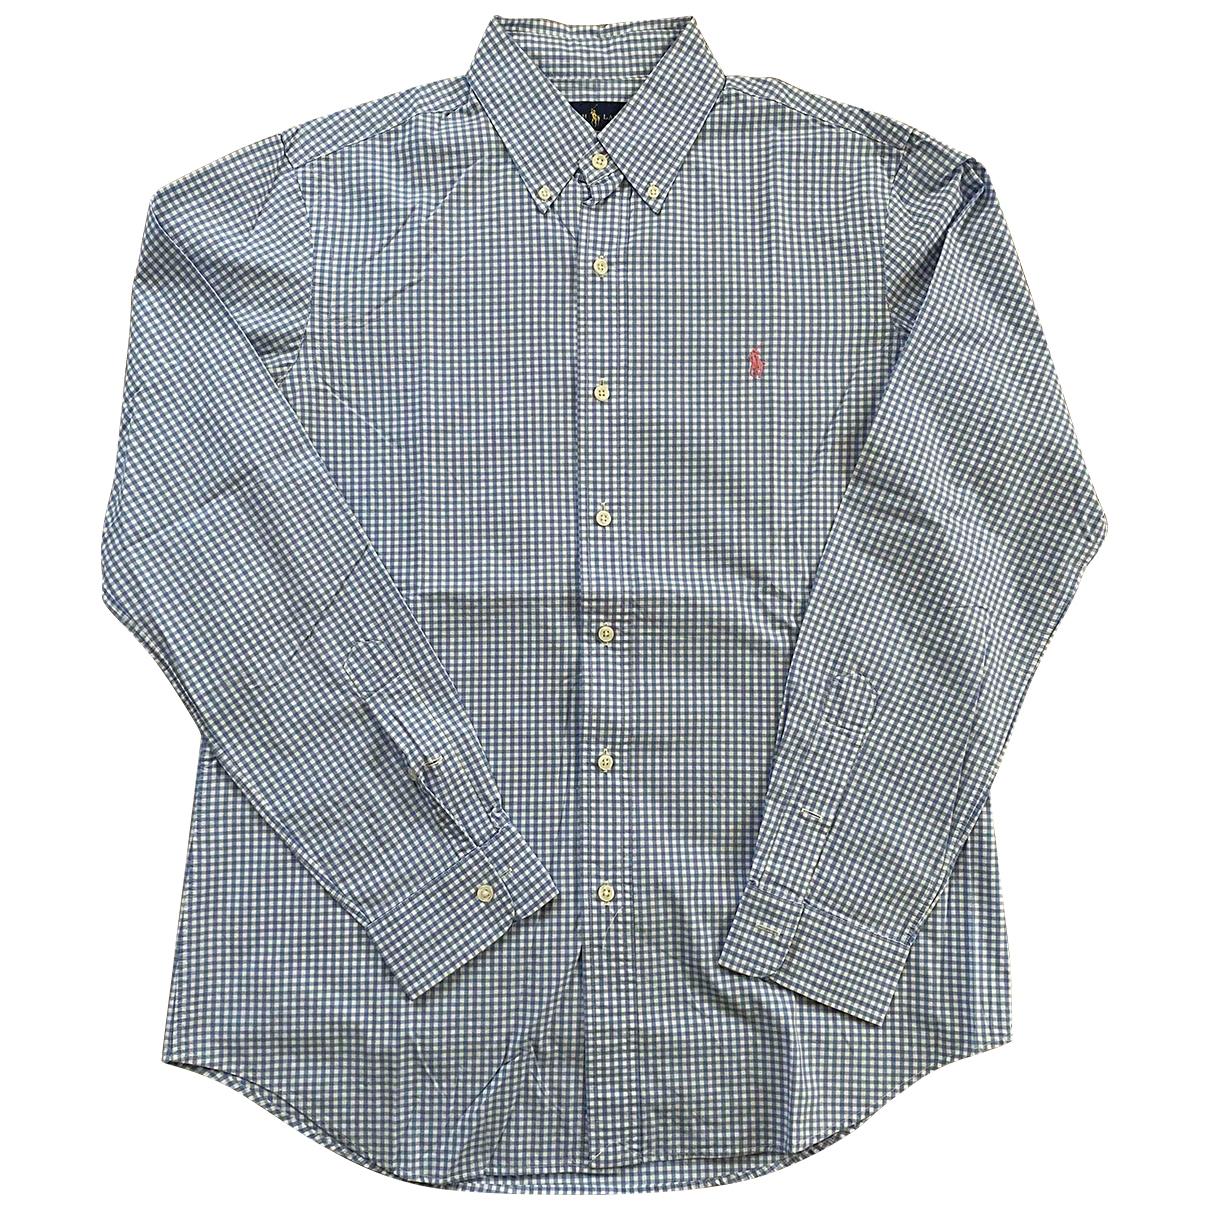 Ralph Lauren \N Blue Cotton Shirts for Men M International